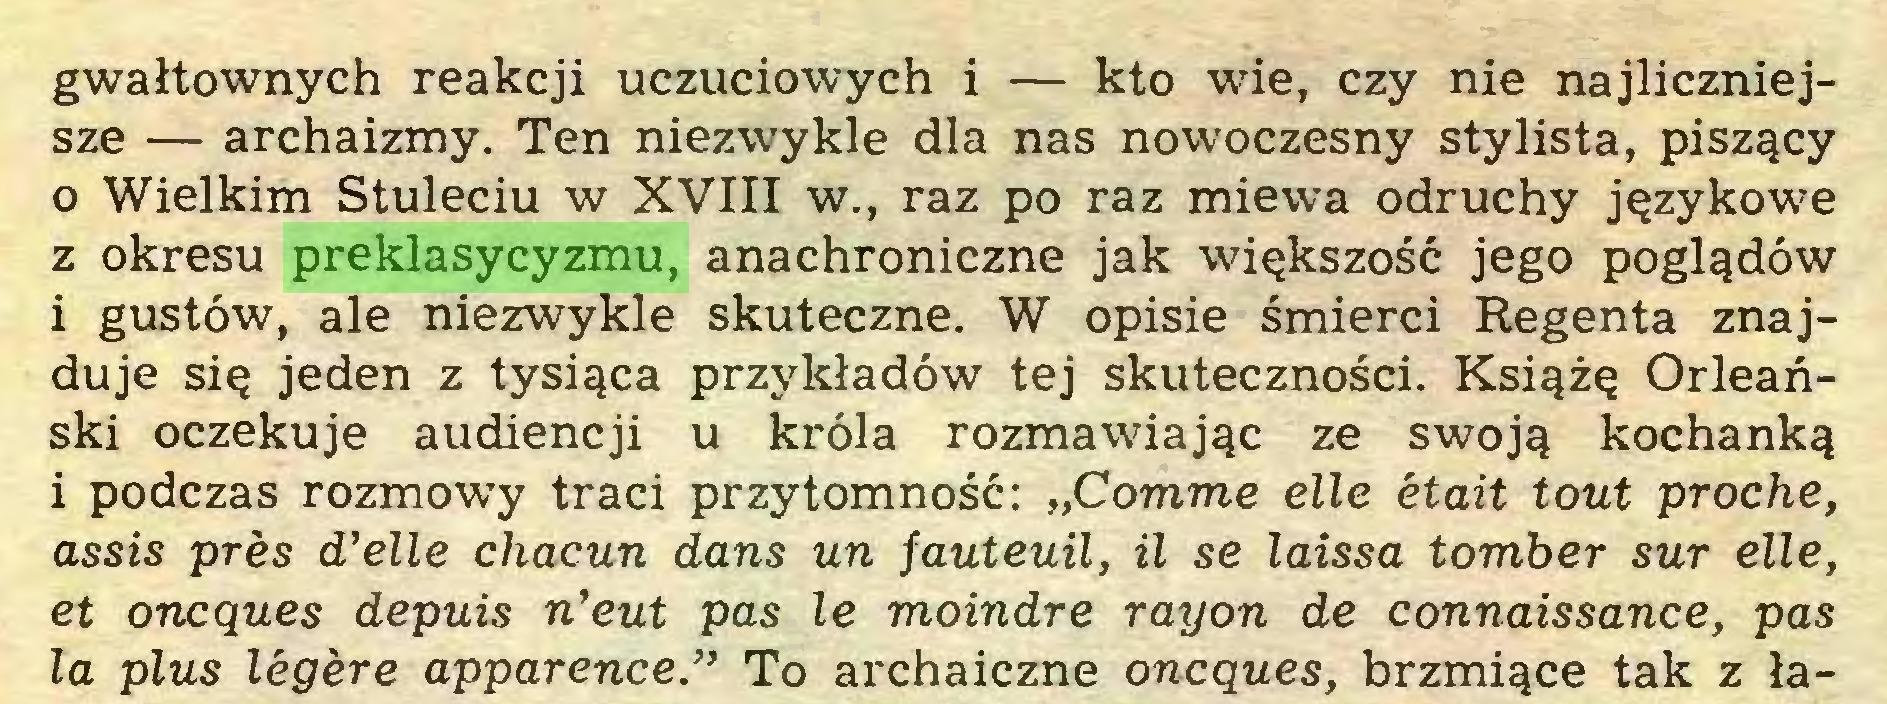 """(...) gwałtownych reakcji uczuciowych i — kto wie, czy nie najliczniejsze — archaizmy. Ten niezwykle dla nas nowoczesny stylista, piszący 0 Wielkim Stuleciu w XVIII w., raz po raz miewa odruchy językowe z okresu preklasycyzmu, anachroniczne jak większość jego poglądów 1 gustów, ale niezwykle skuteczne. W opisie śmierci Regenta znajduje się jeden z tysiąca przykładów tej skuteczności. Książę Orleański oczekuje audiencji u króla rozmawiając ze swoją kochanką i podczas rozmowy traci przytomność: """"Comme elle était tout proche, assis près d'elle chacun dans un fauteuil, il se laissa tomber sur elle, et oncques depuis n'eut pas le moindre rayon de connaissance, pas la plus légère apparence."""" To archaiczne oncques, brzmiące tak z ła..."""